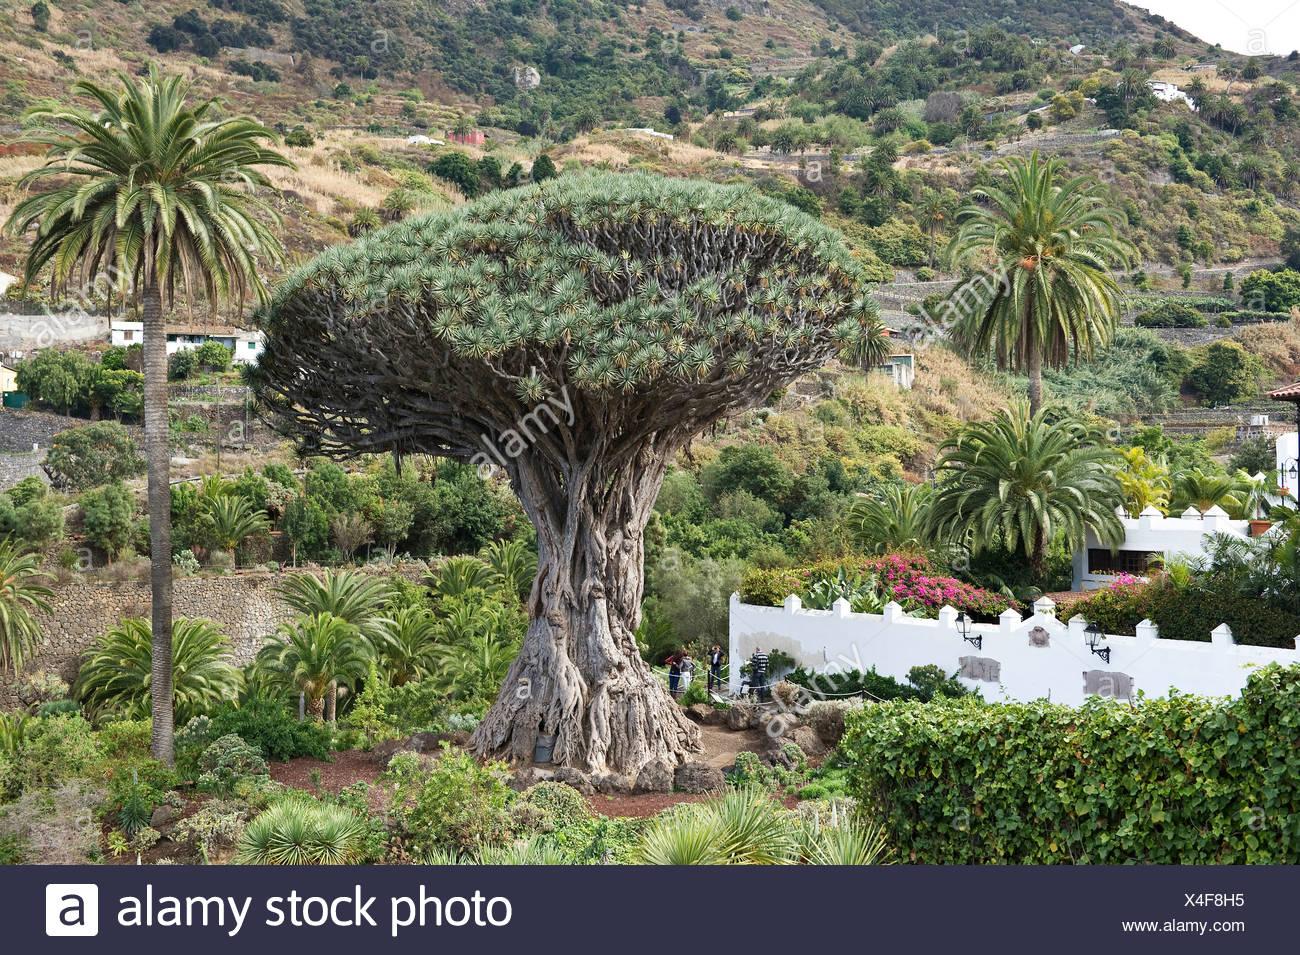 Drago Milenario, with 600 years the world's oldest dragon tree (Dracaena draco), Ico de los Vinos, Tenerife, Canary Islands - Stock Image